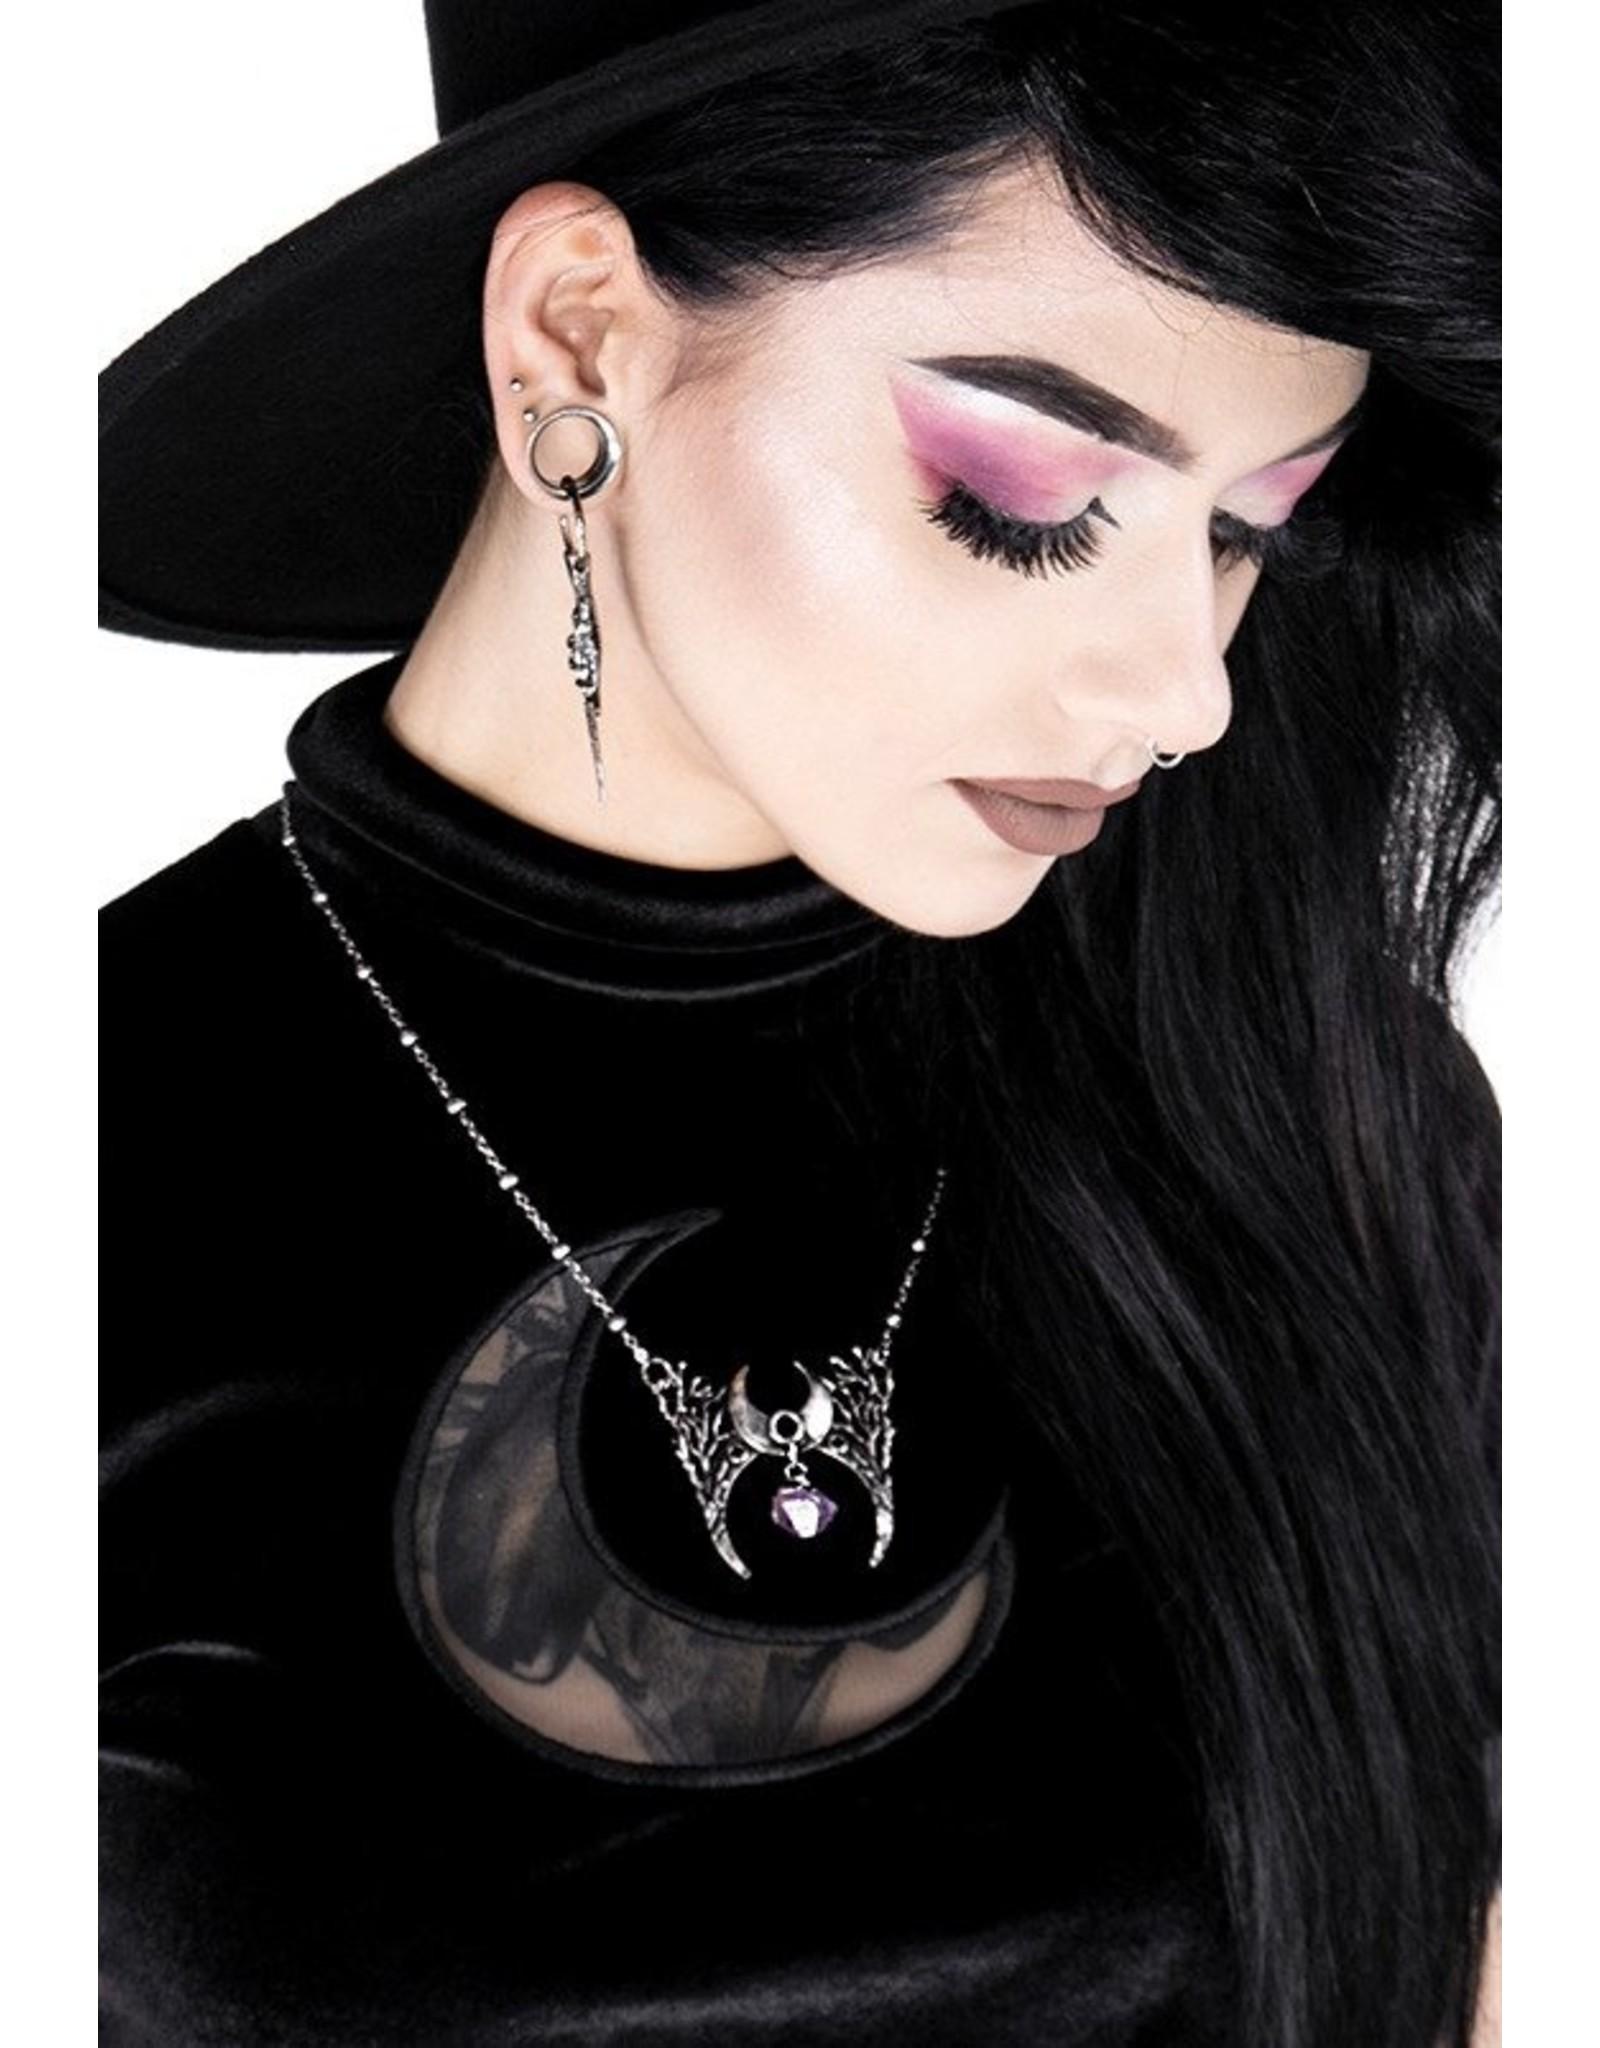 Restyle Gothic sieraden Steampunk sieraden - Ketting met kristal Branch Crescent (zilver) - Restyle